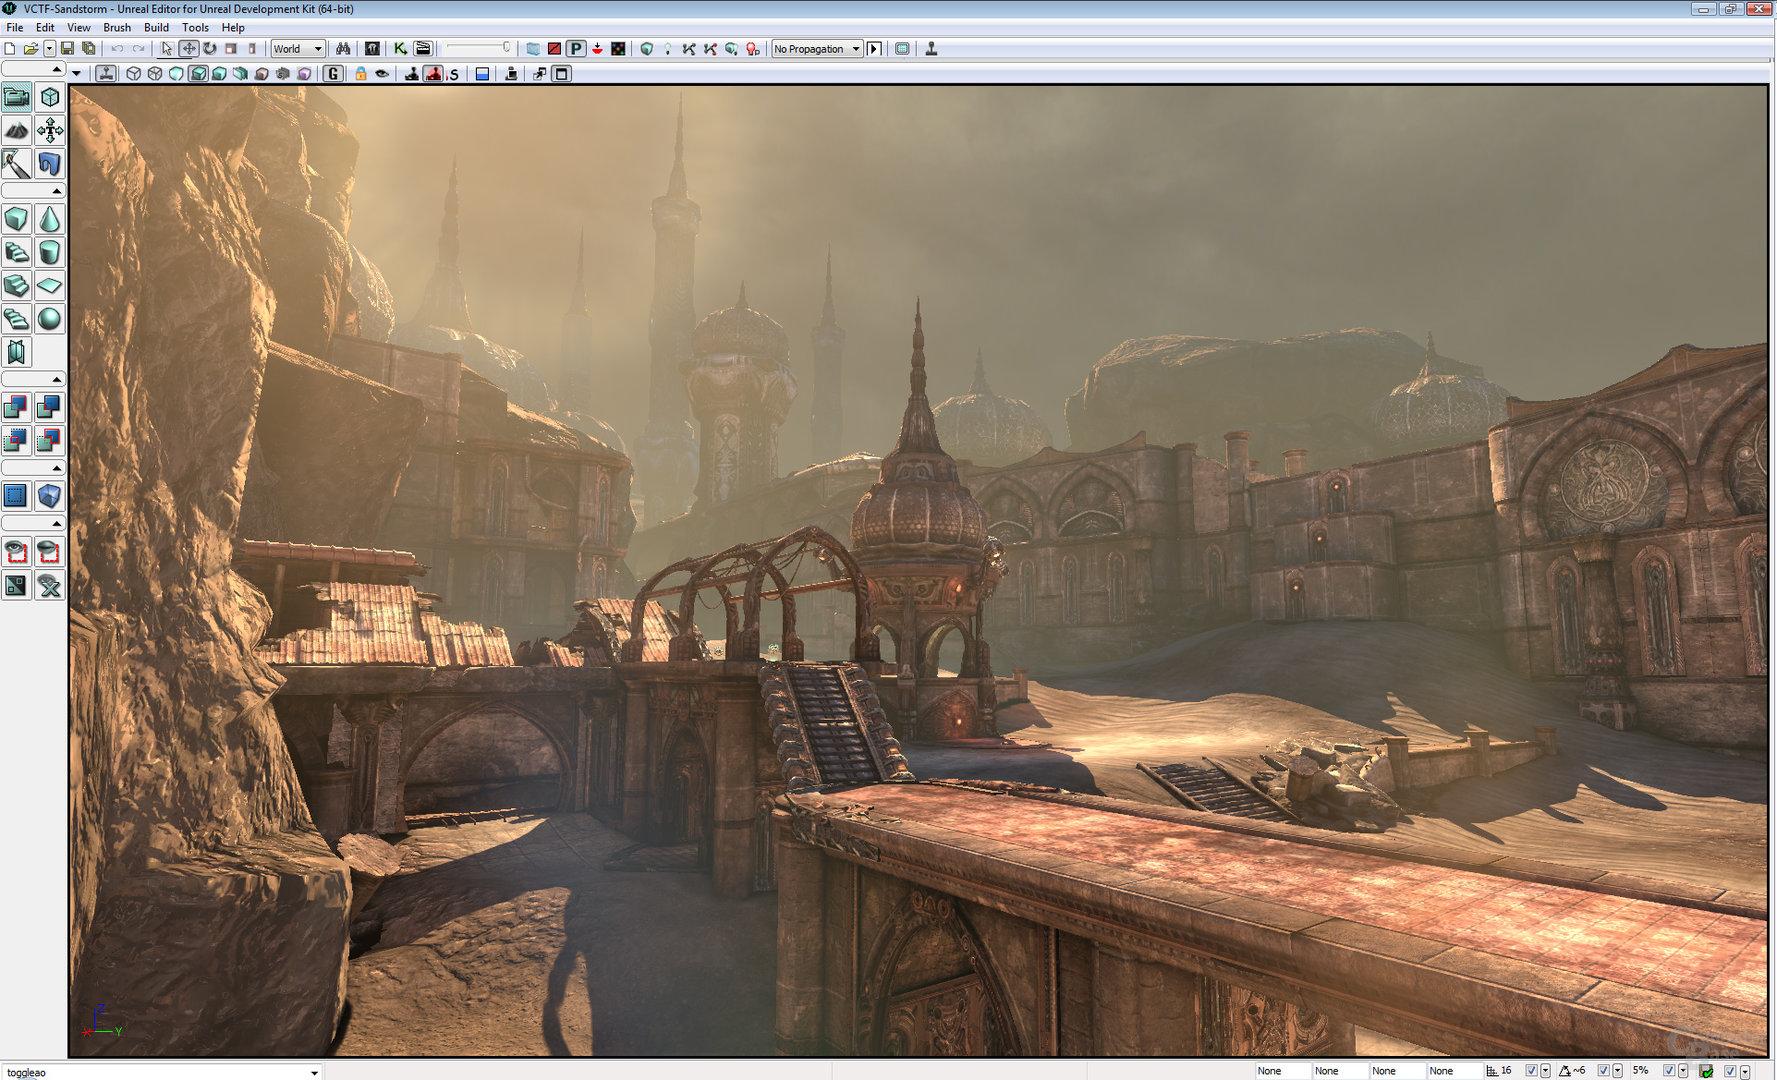 Sandsturm-Darstellung auf Basis des UDK mit 3D Vision